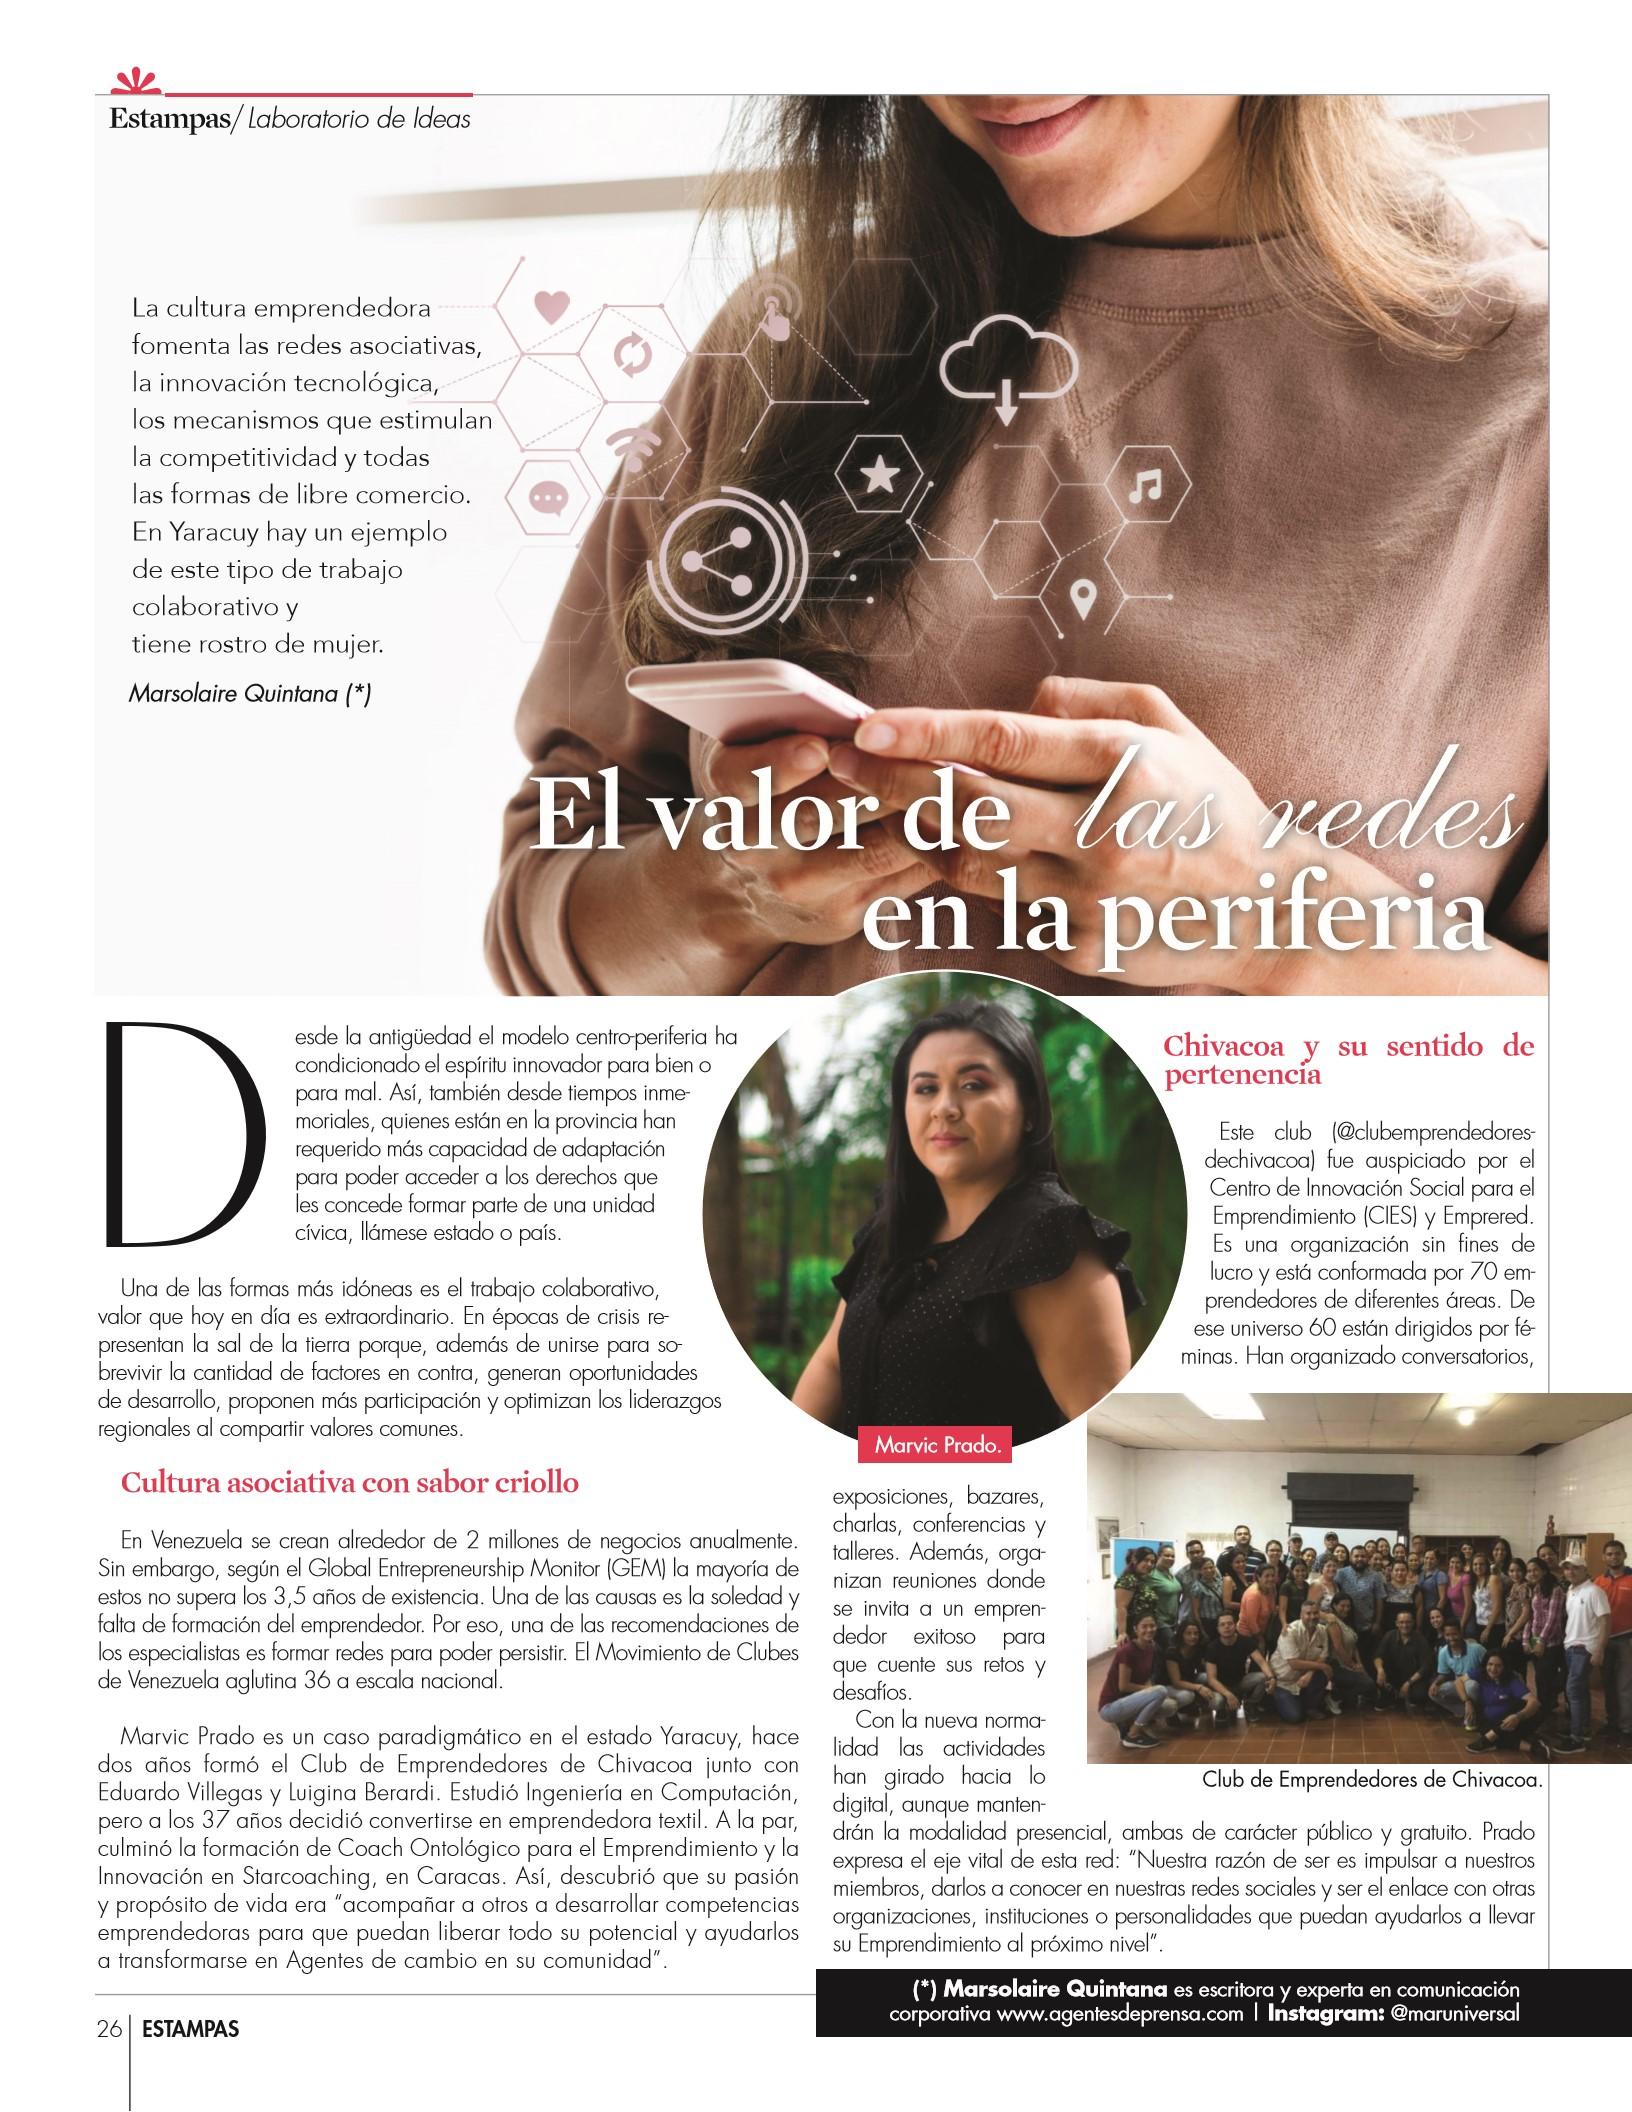 26-REV Emprendedores: Laborarorio de Ideas Marsolaire Quintana: El valor de las redes en la periferia